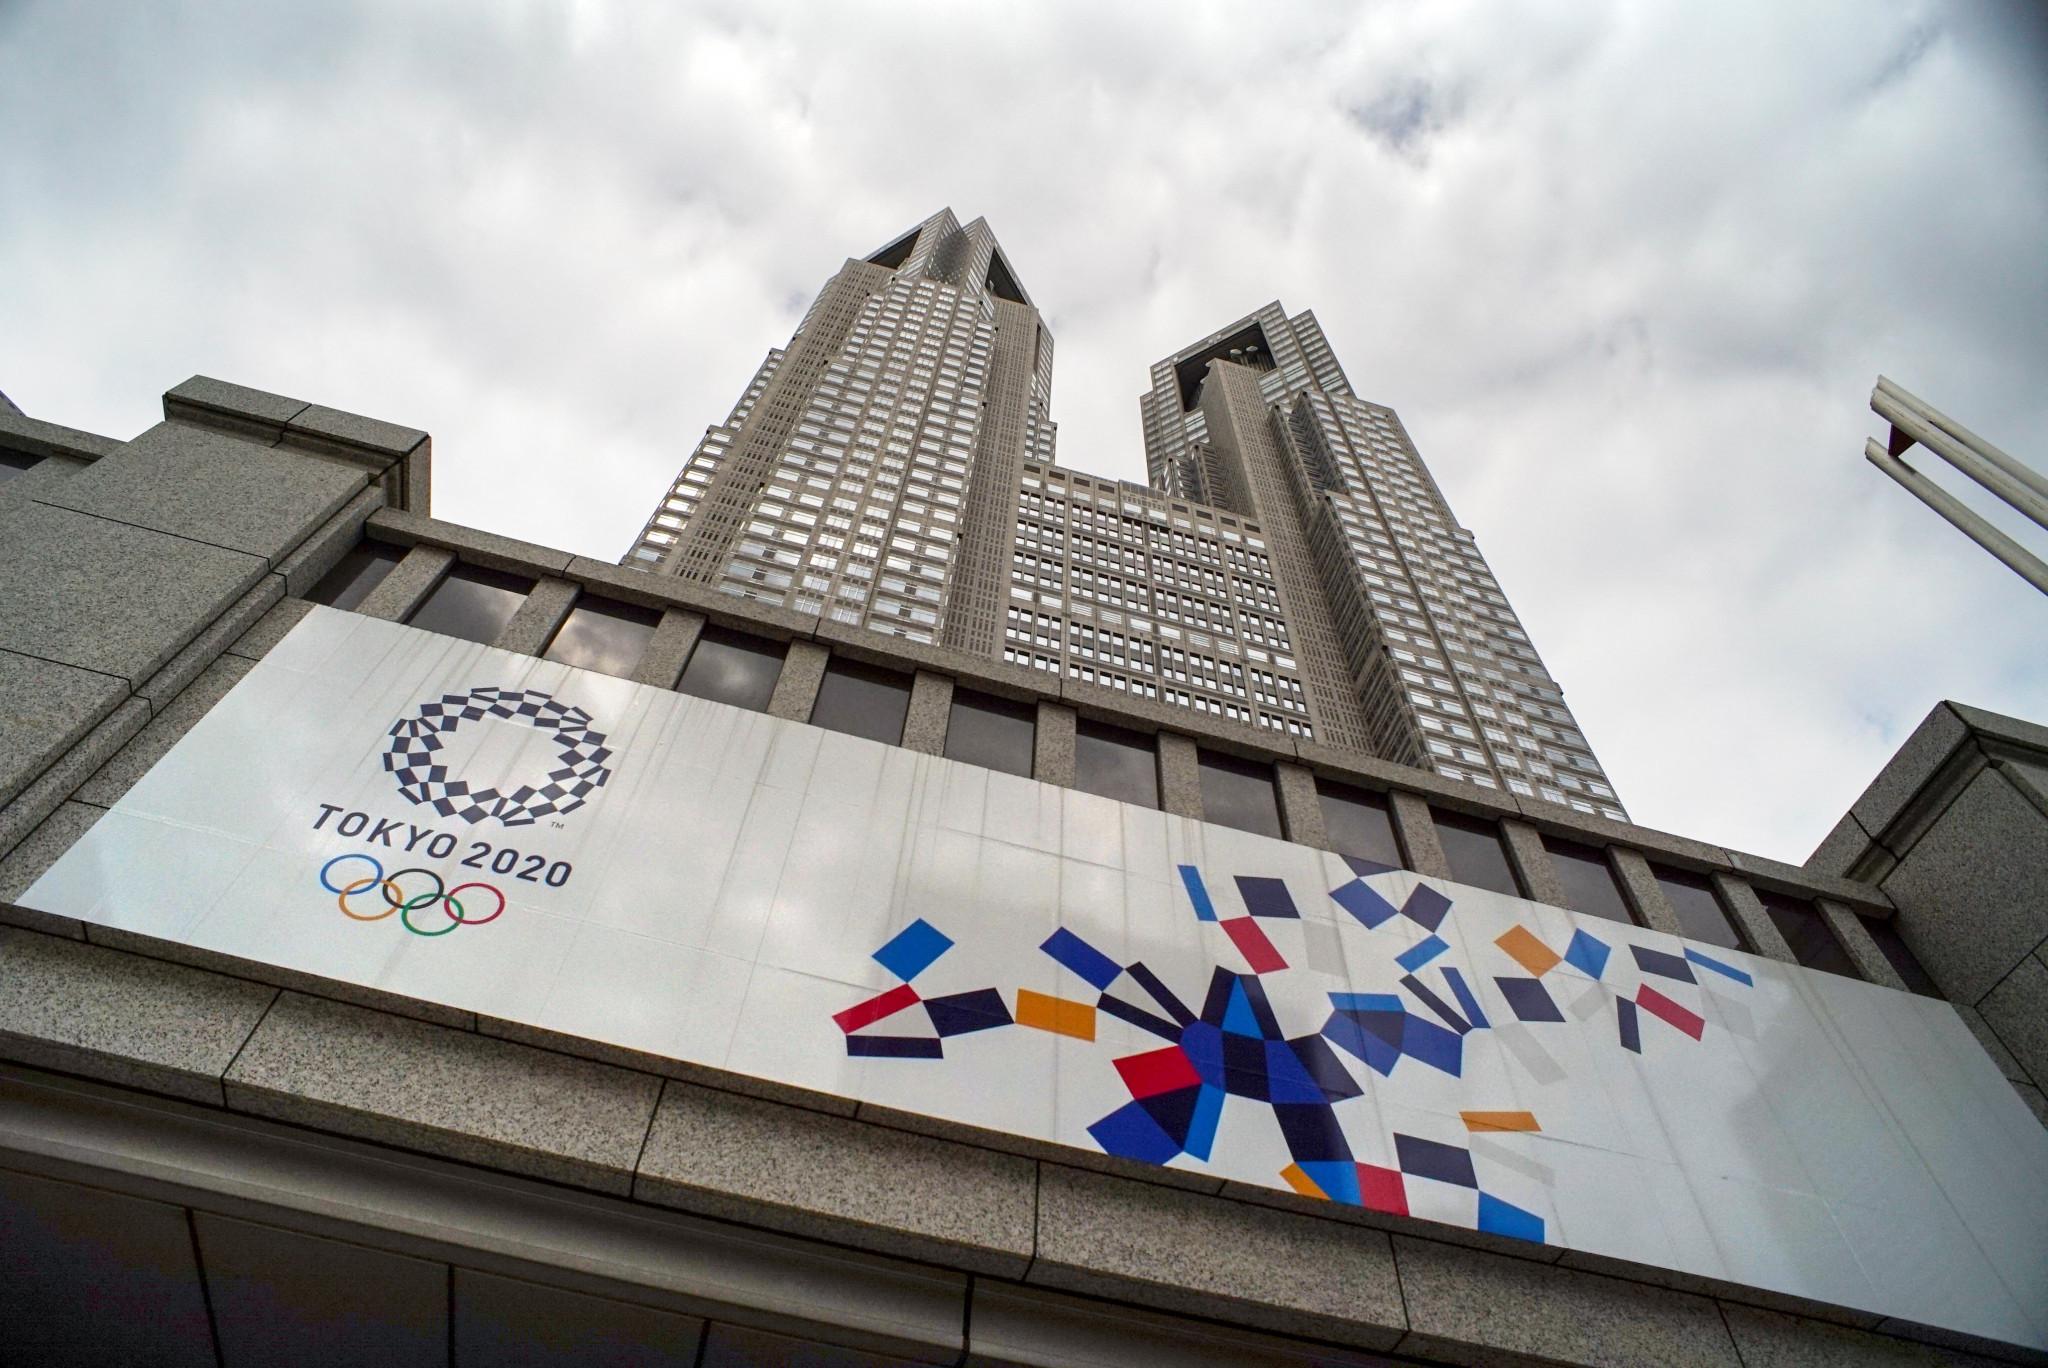 Requerirán evidencia de vacunación o prueba negativa de Covid para entrar a Tokio